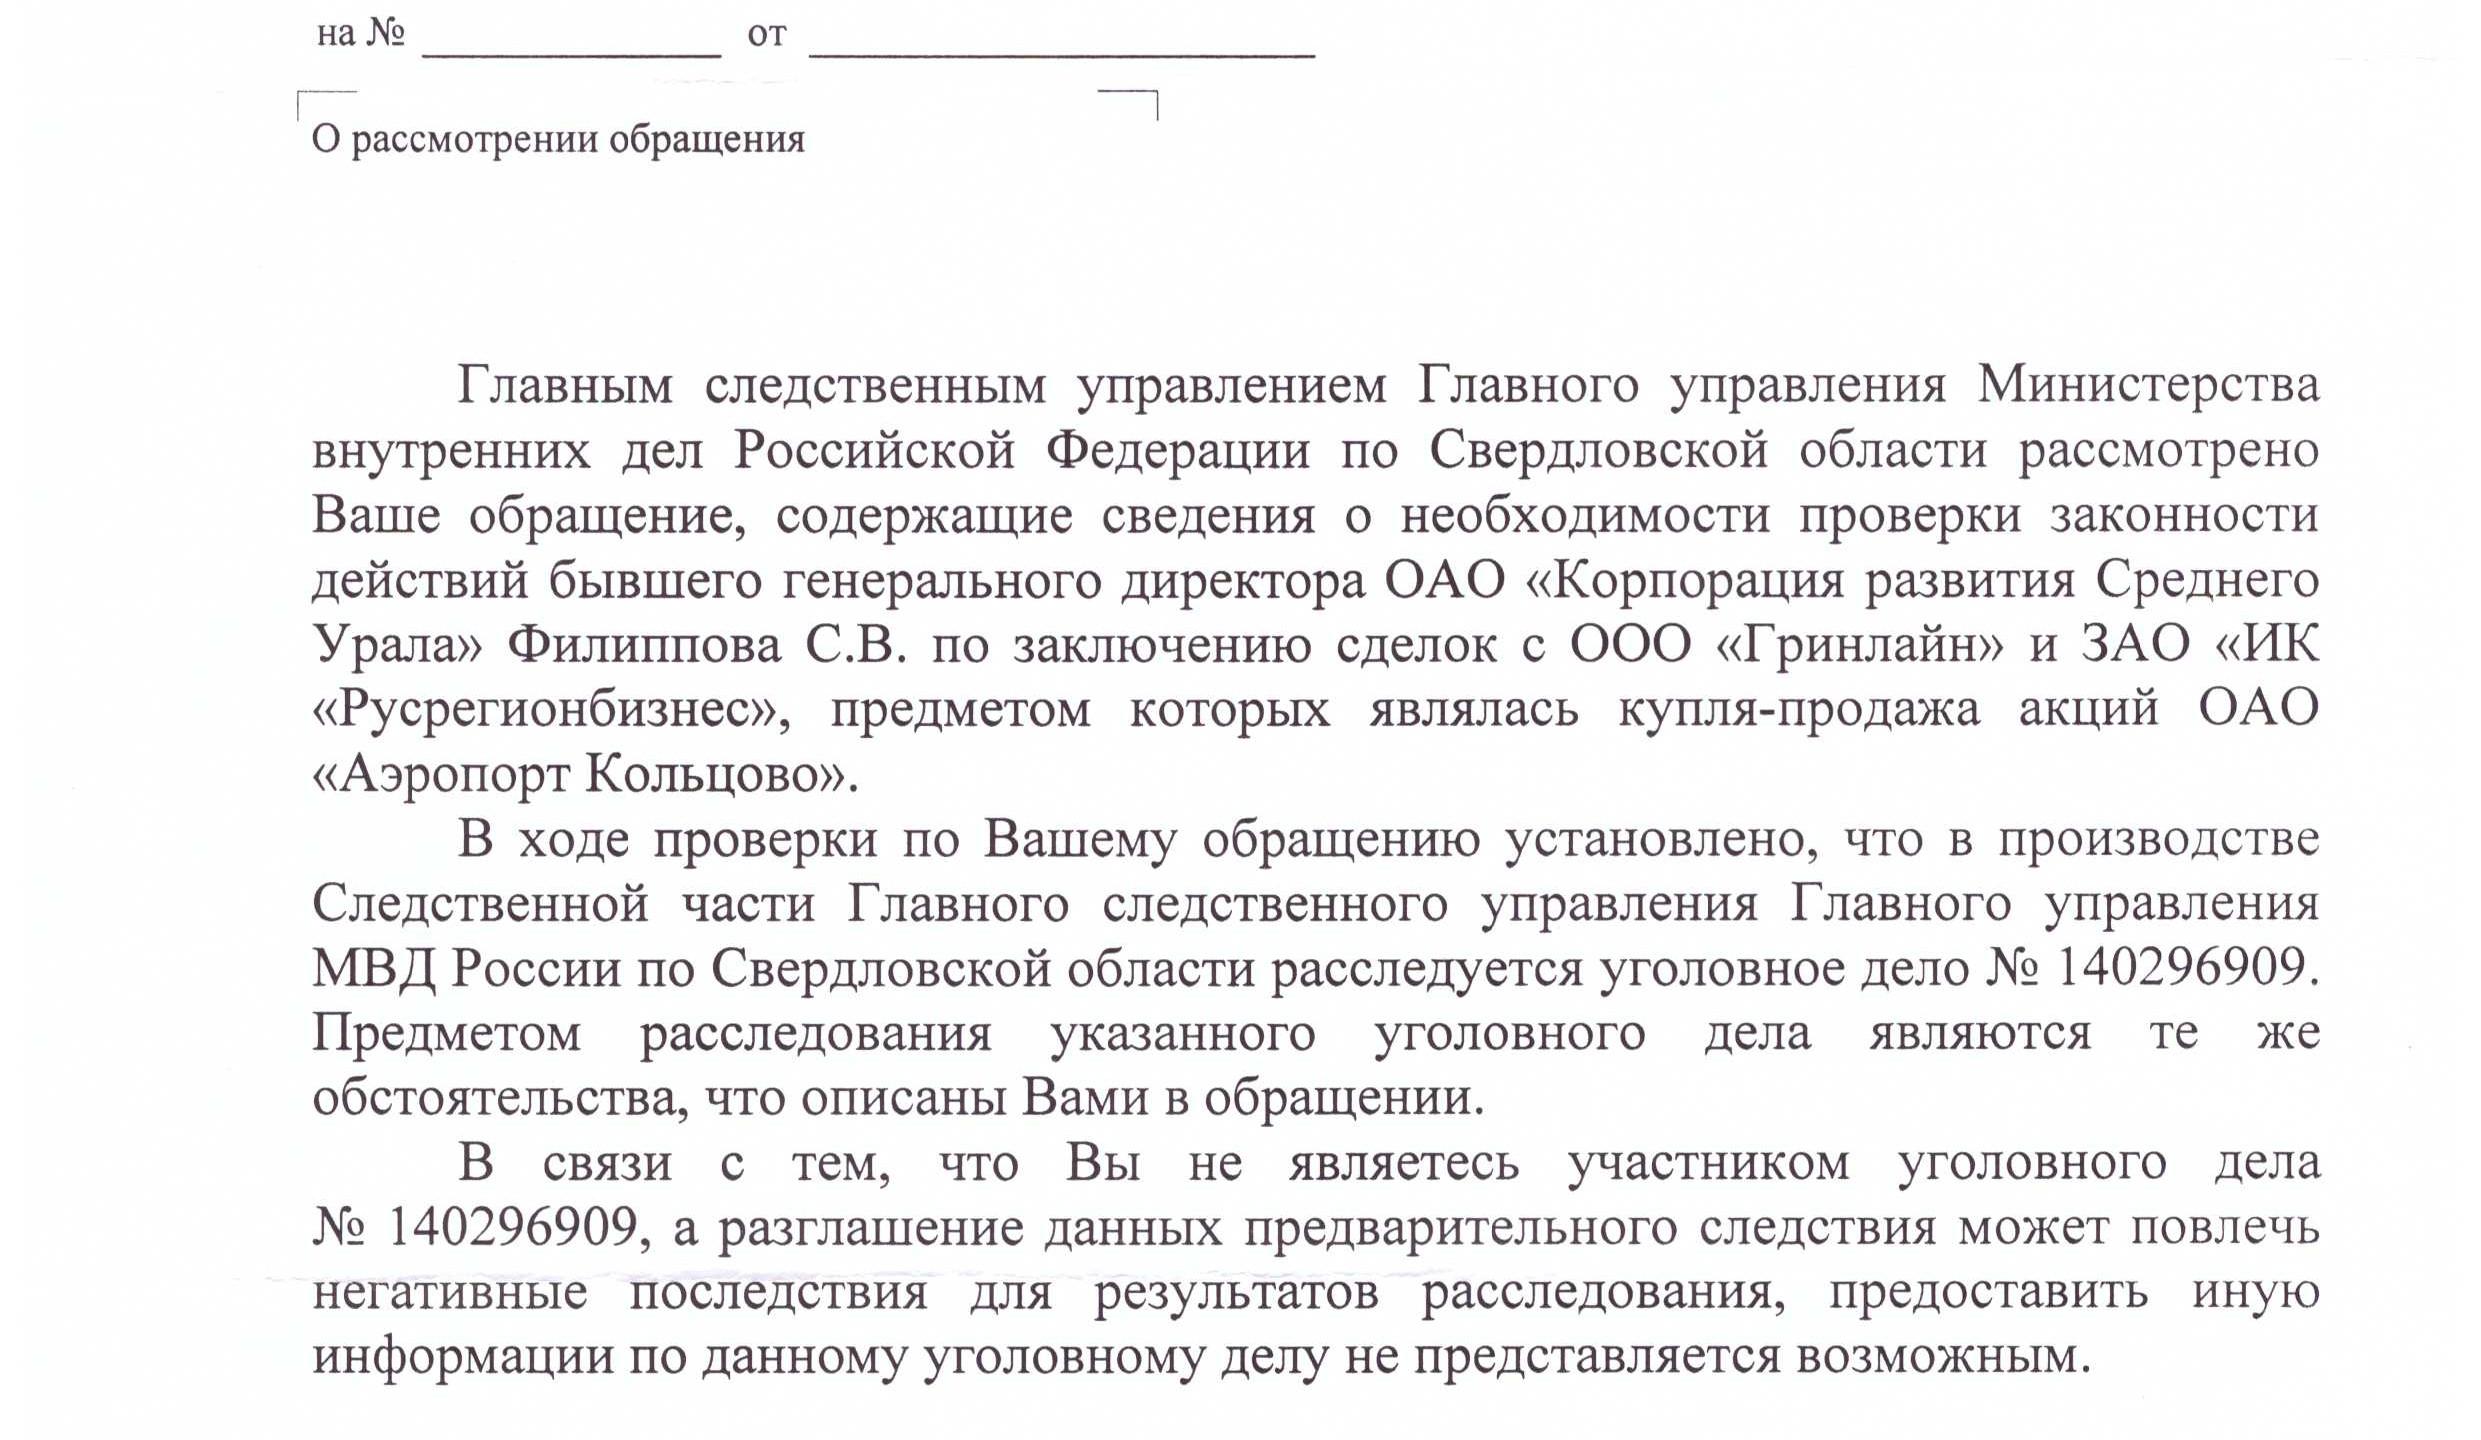 ответ ГУ МВД России по Свердл.обл.